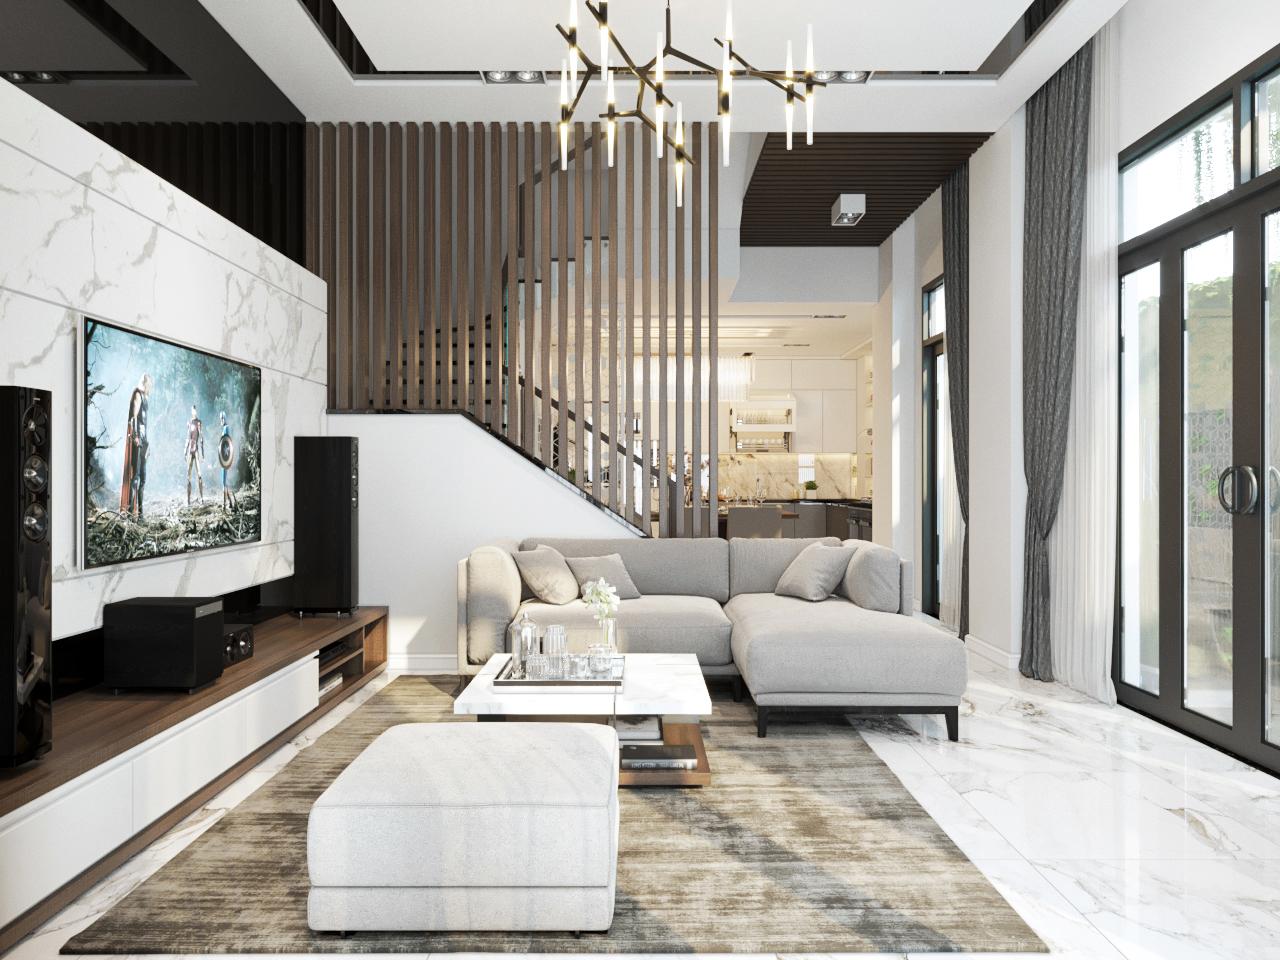 thiết kế nội thất Nhà Mặt Phố tại Hà Nội Nhà Phố - Văn Tiến Dũng 3 1562827641